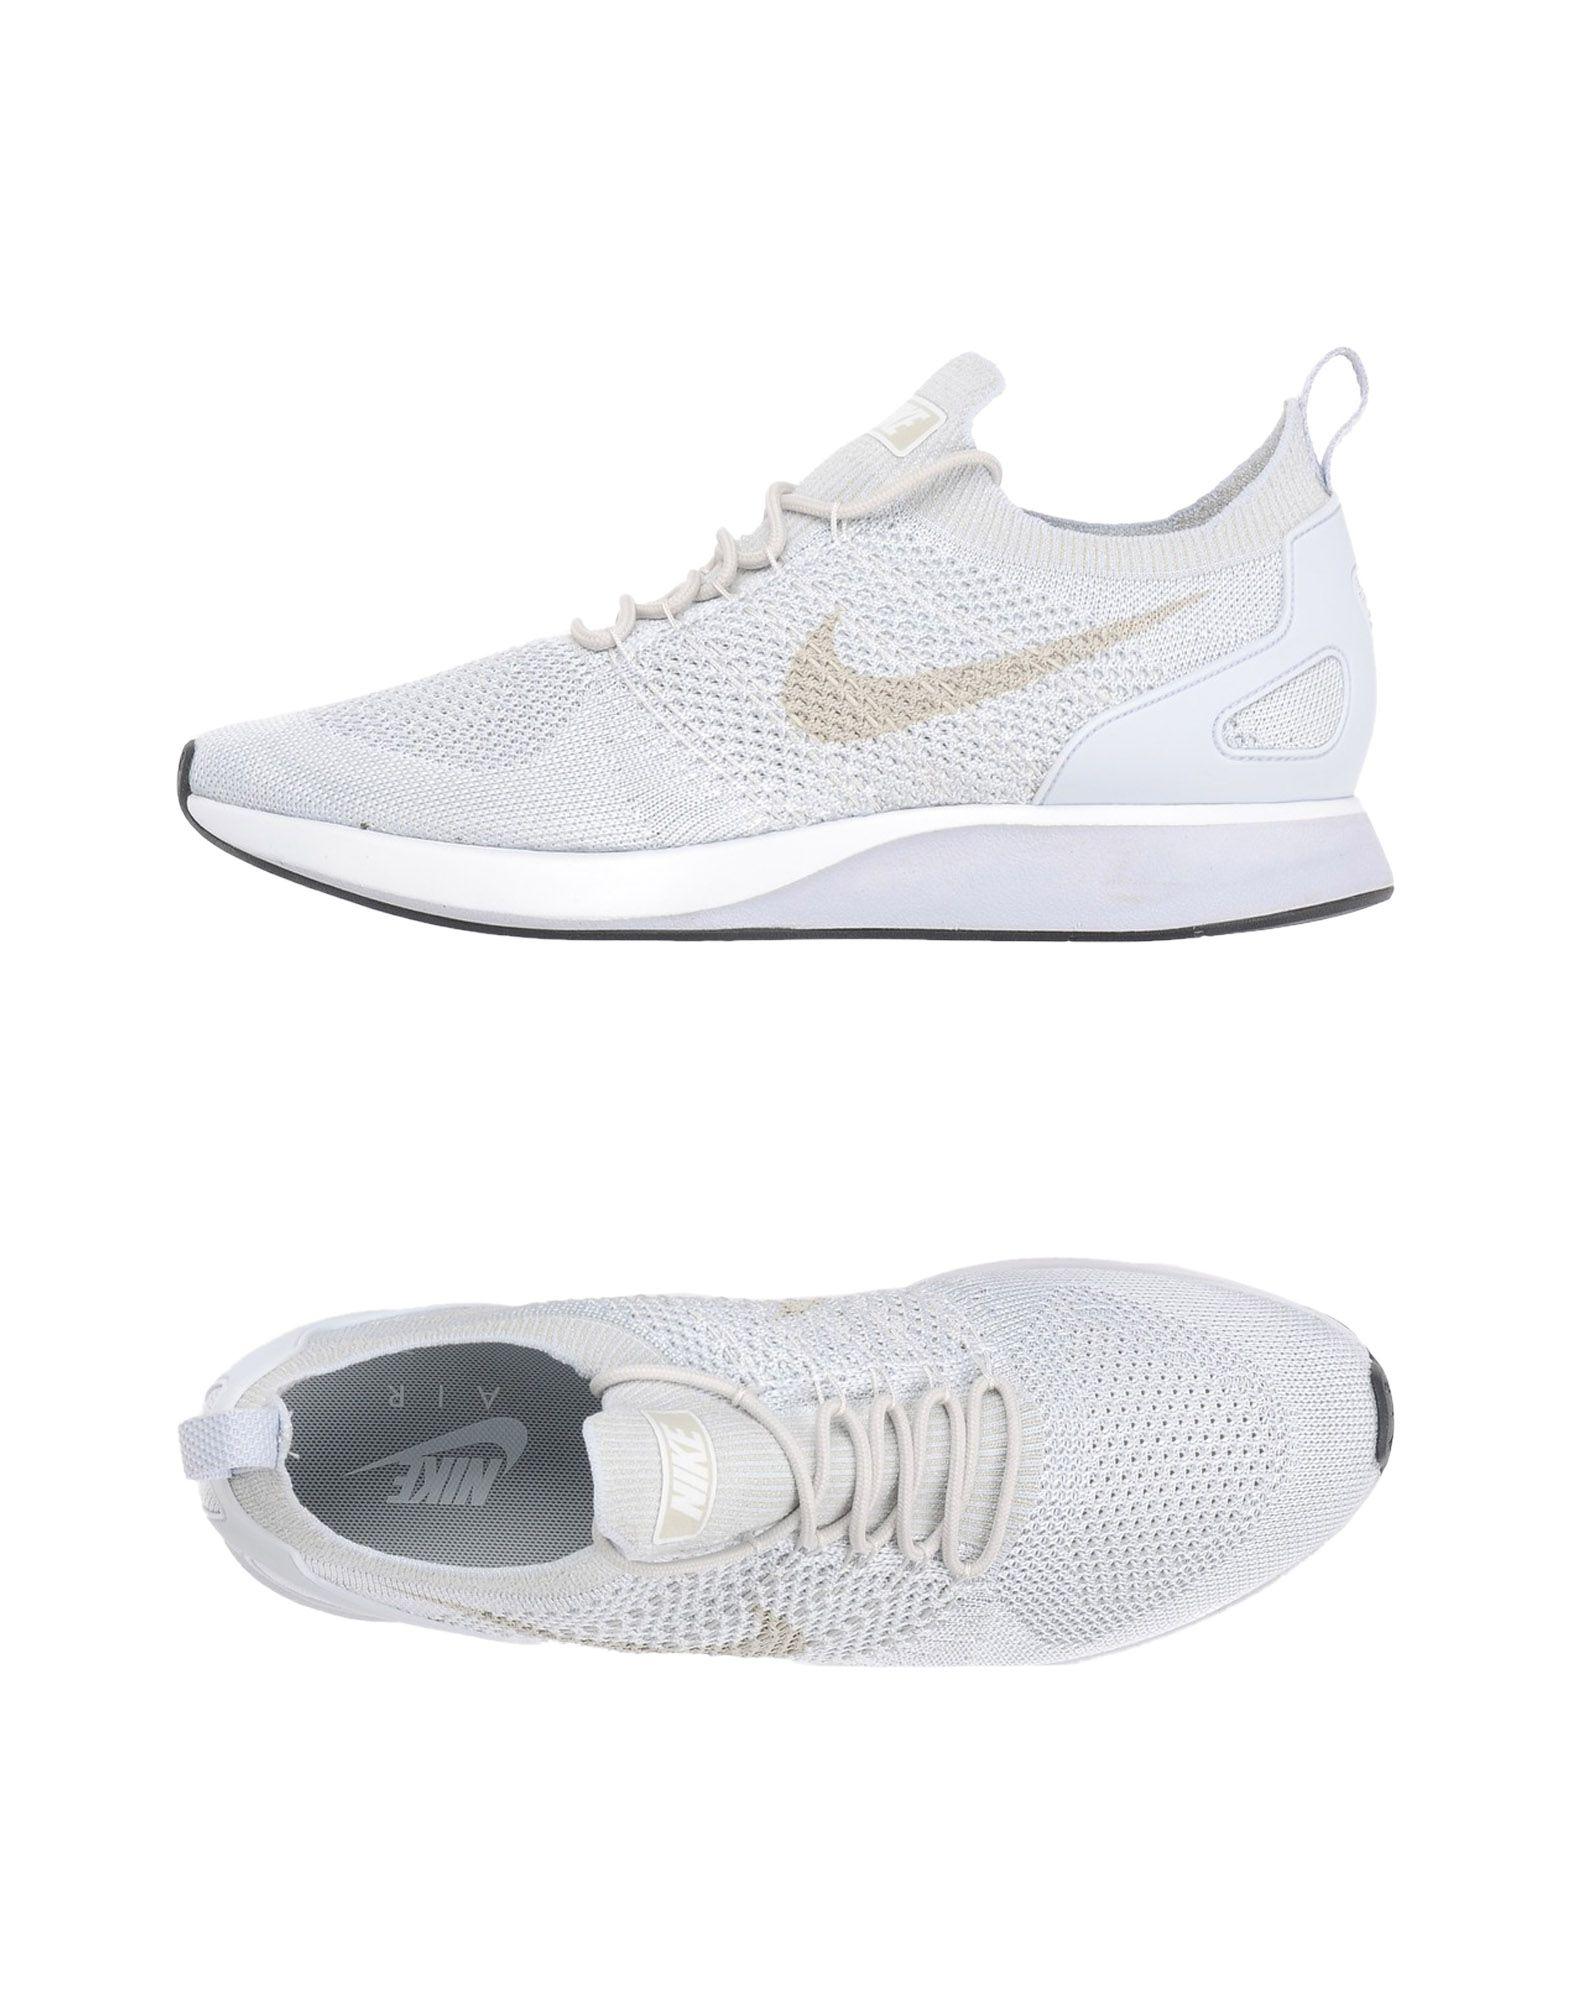 Nike Air Zoom Mariah Flyknit Racer  11453199VU Gute Qualität beliebte Schuhe